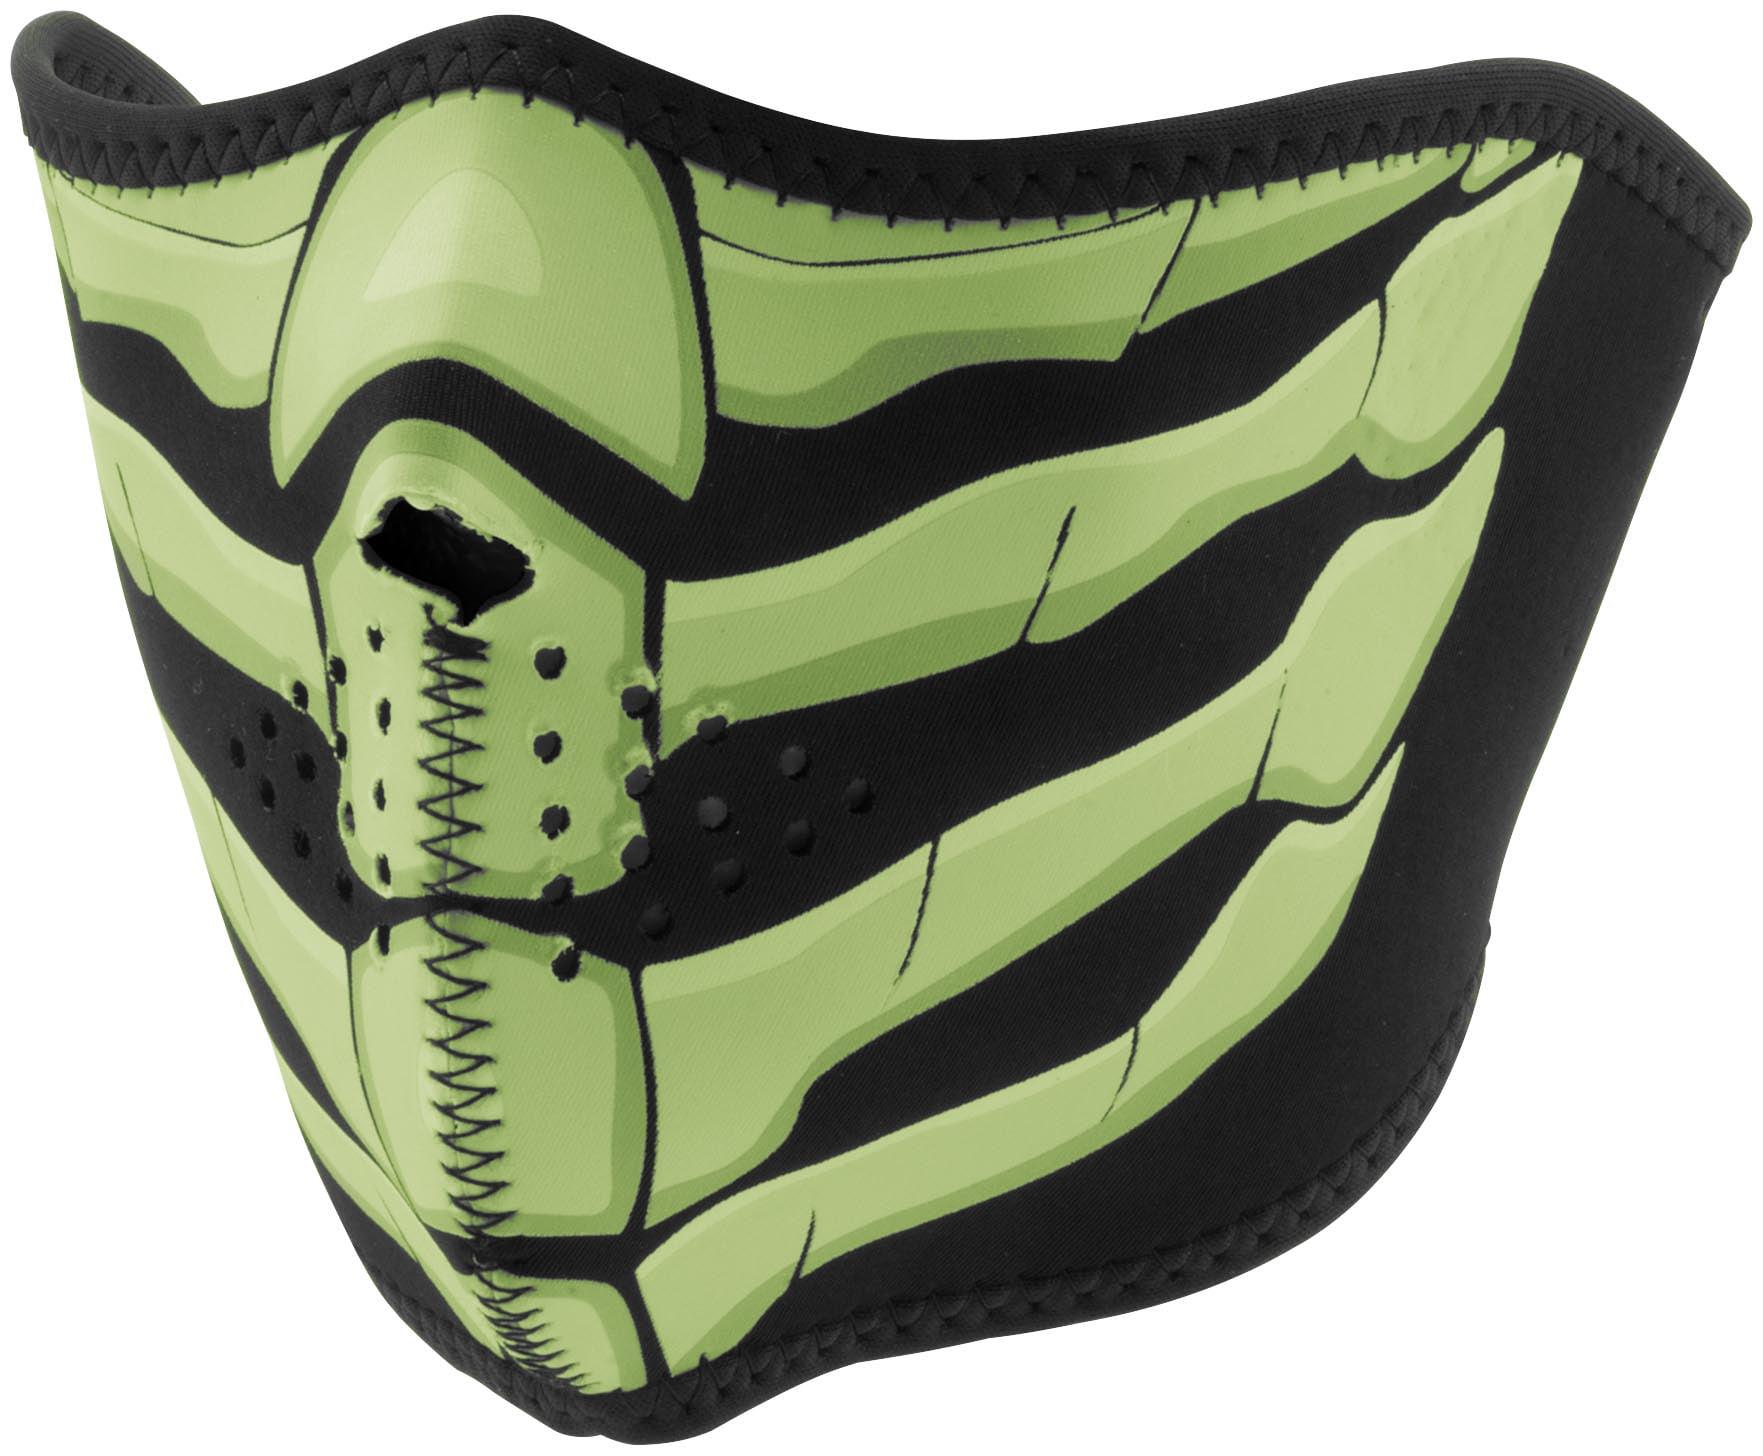 Zan Headgear Half Face Mask Glow Bone Breath (Green, OSFM) by Zan Headgear